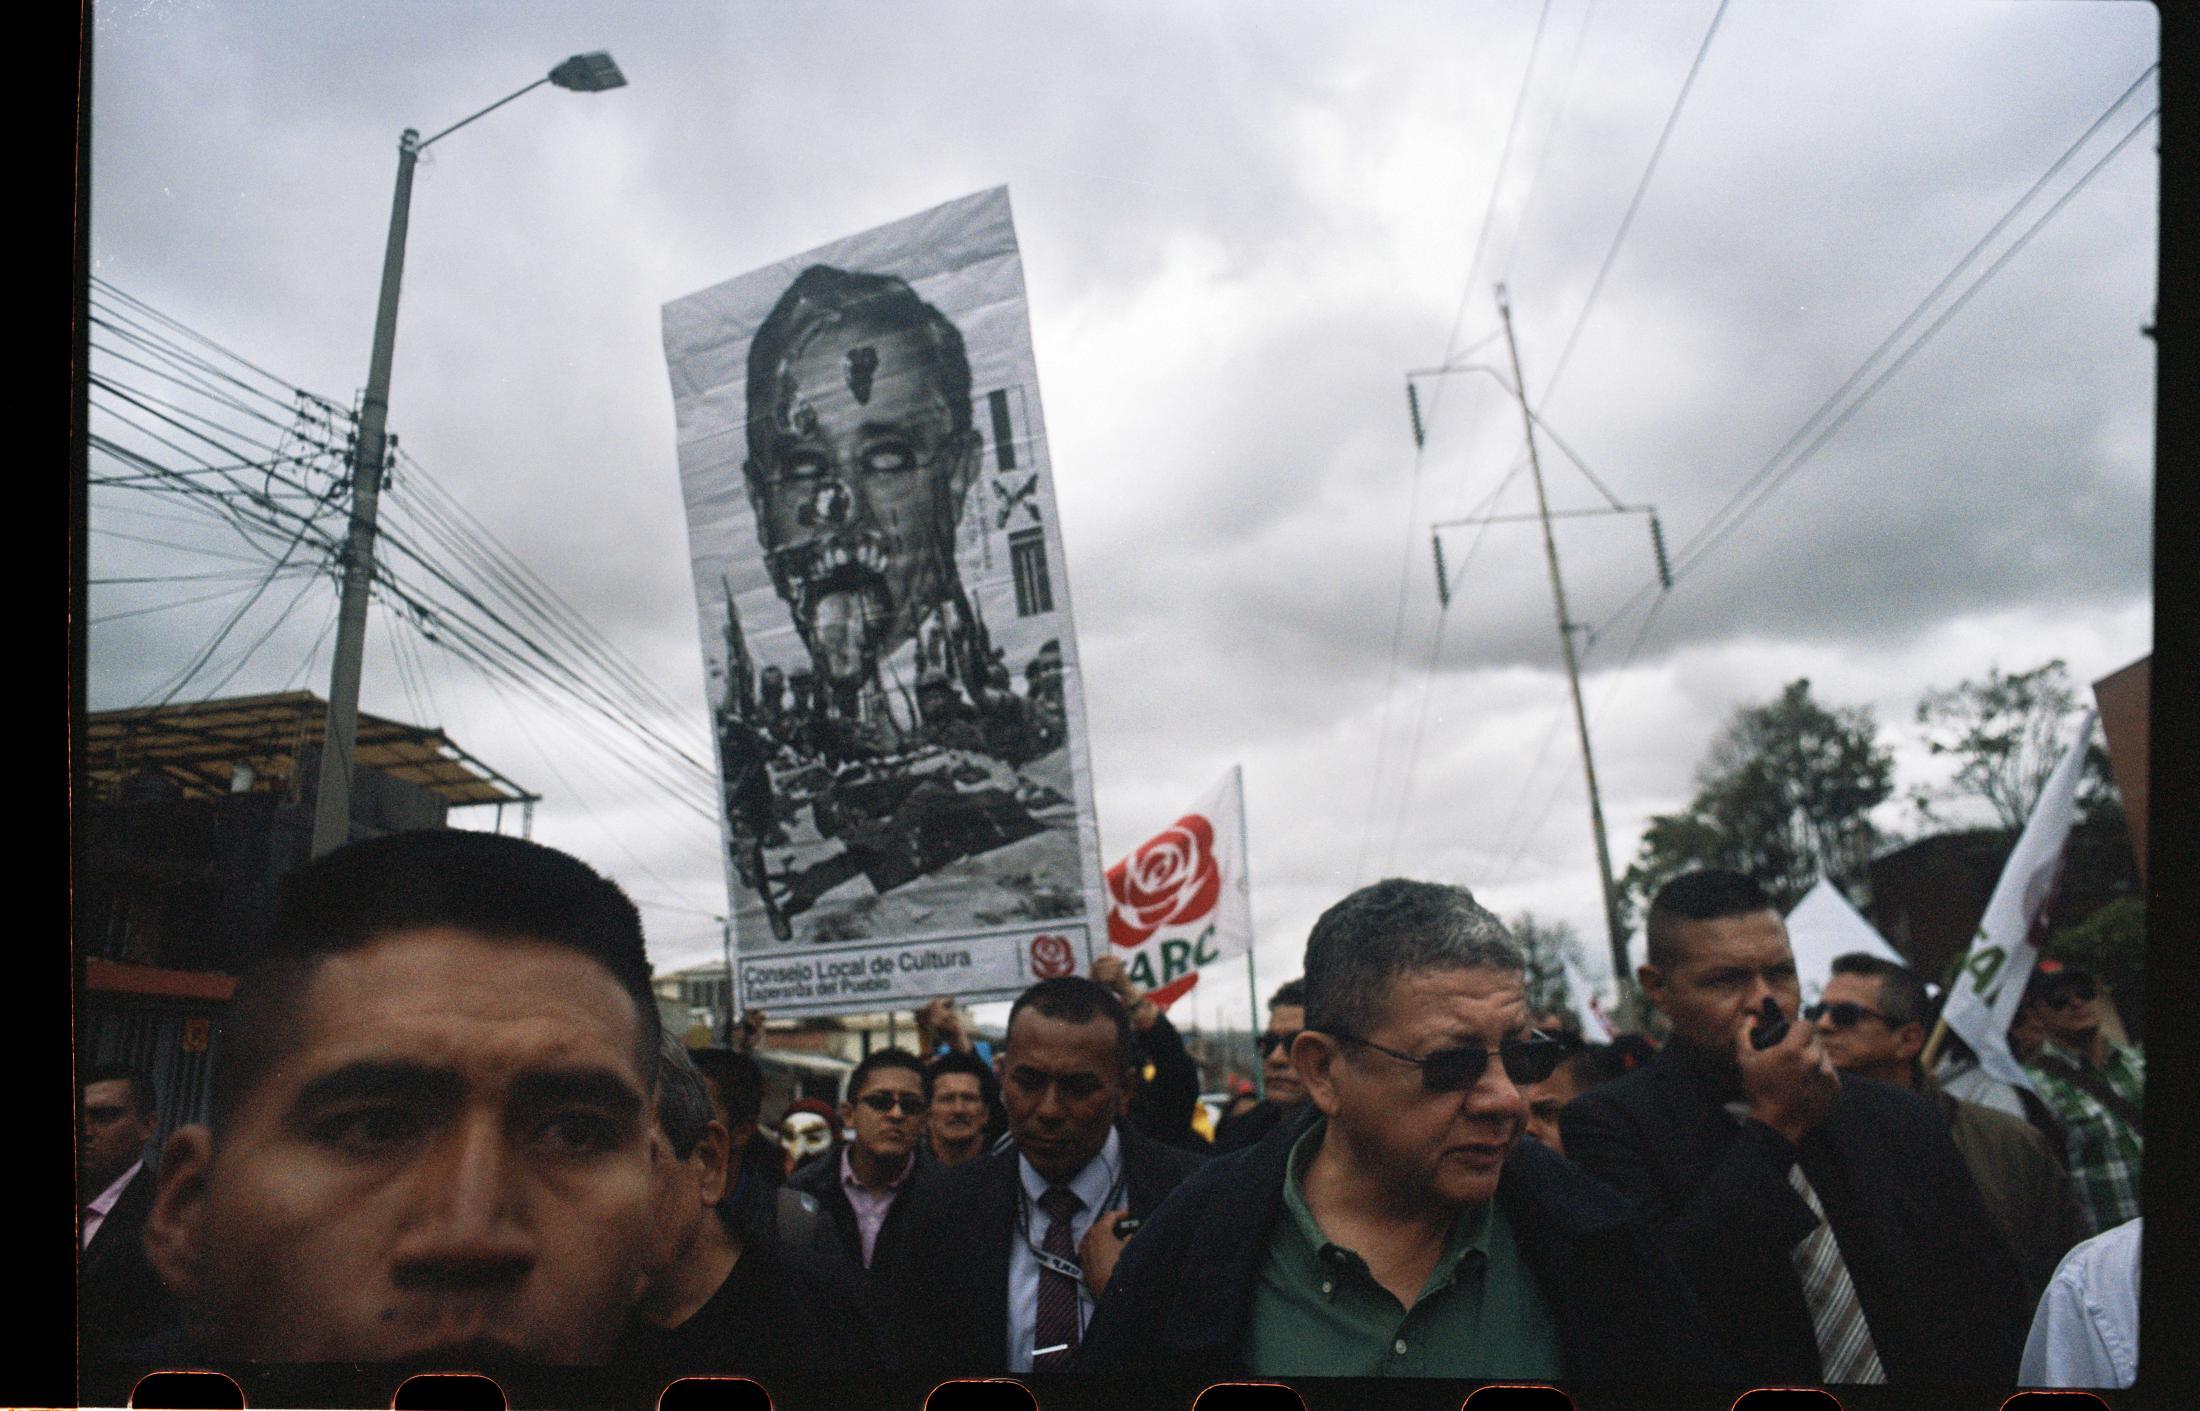 Pablo Catatumbo y miembros del partido FARC marchan en protesta por el asesinato de líderes sociales durante una de las manifestaciones de oposición el día de la posesión del presidente Iván Duque. A enero de 2020 son más de 180 antiguos combatientes los que han sido asesinados en medio del conflicto que aún sacude al país.